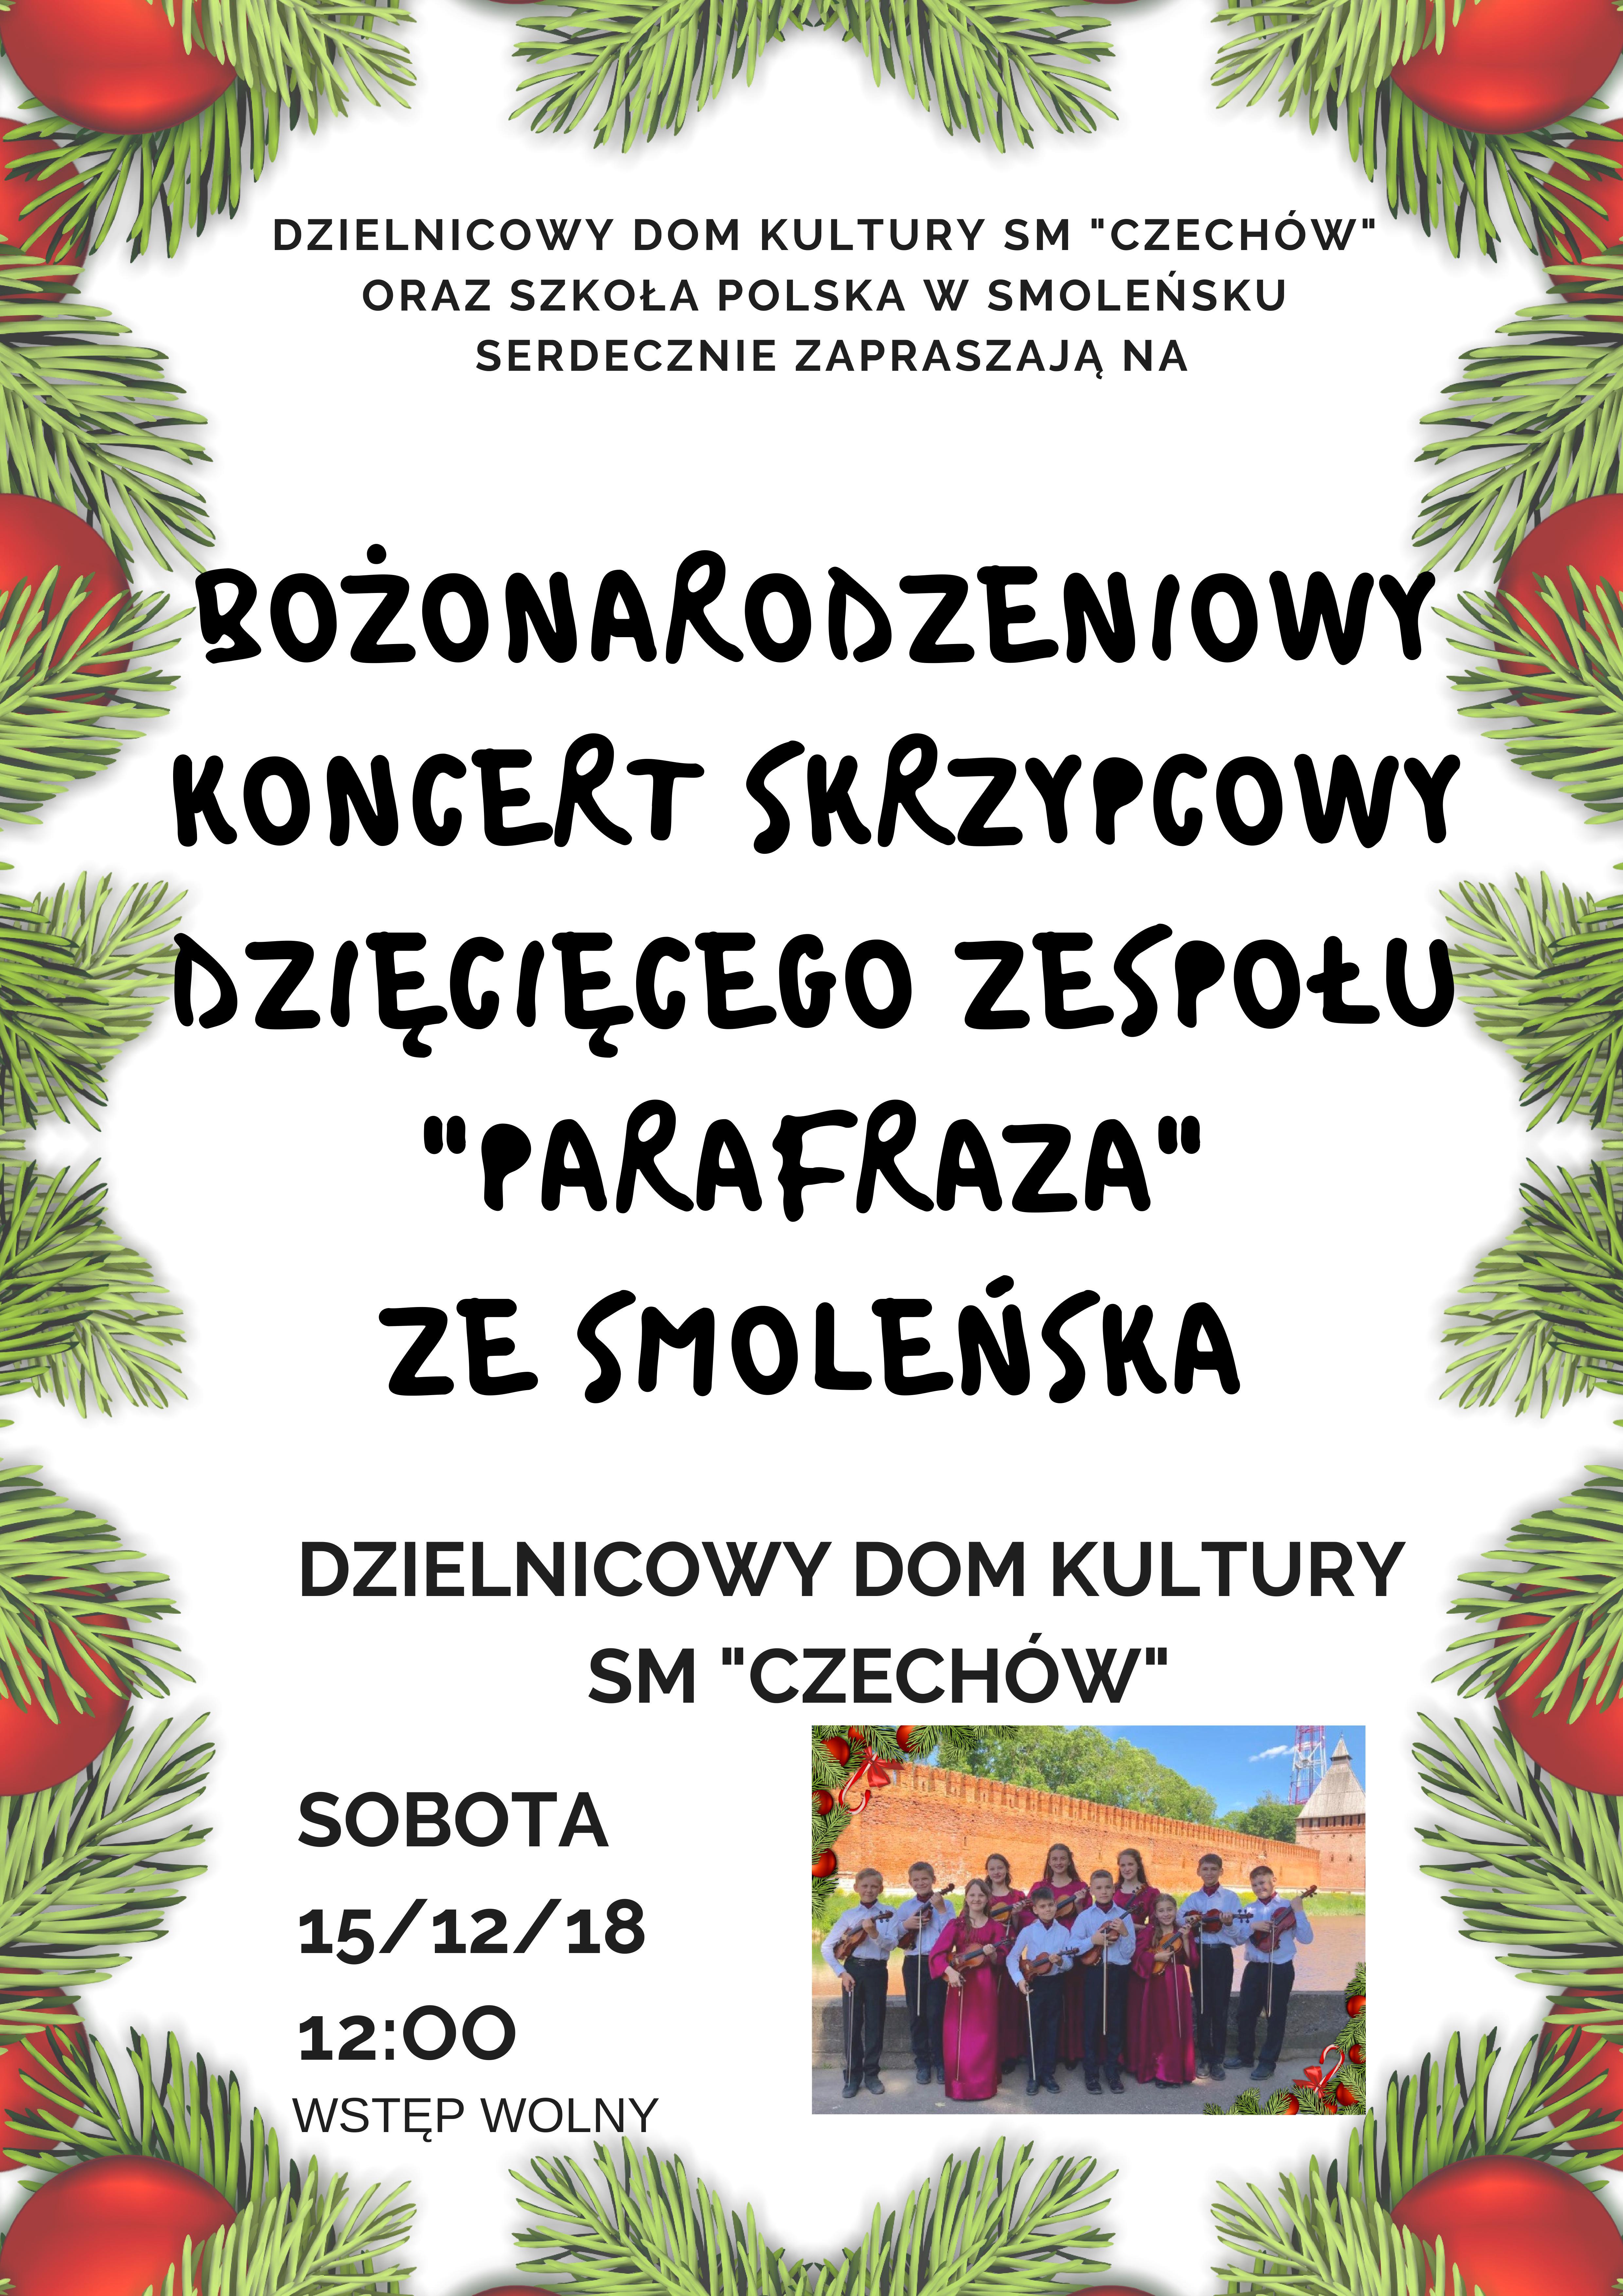 """Bożonarodzeniowy Koncert Skrzypcowy Dziecięcego Zespołu """"Parafraza"""" zeSmoleńska"""